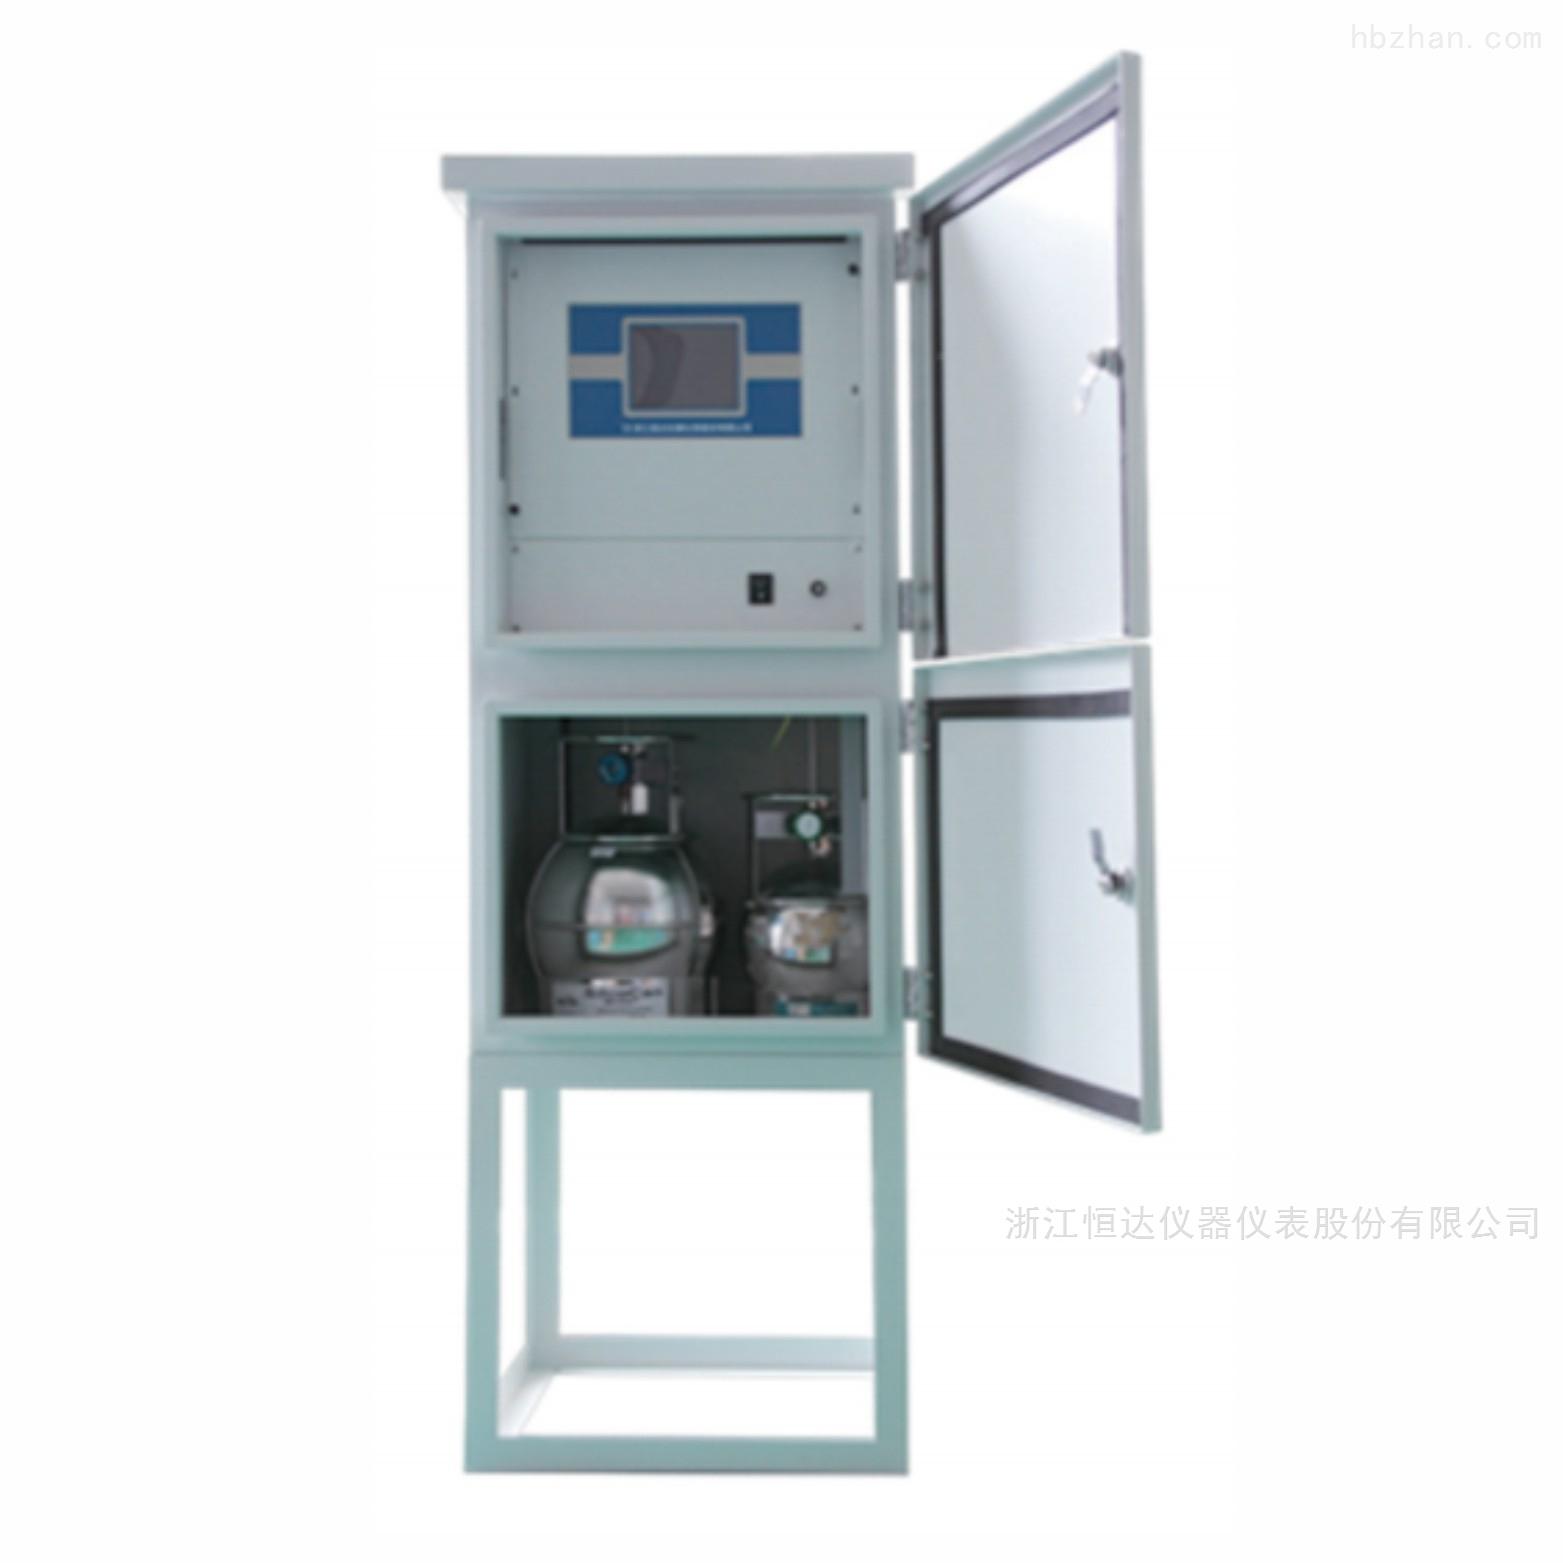 大气采样器—空气VOCs